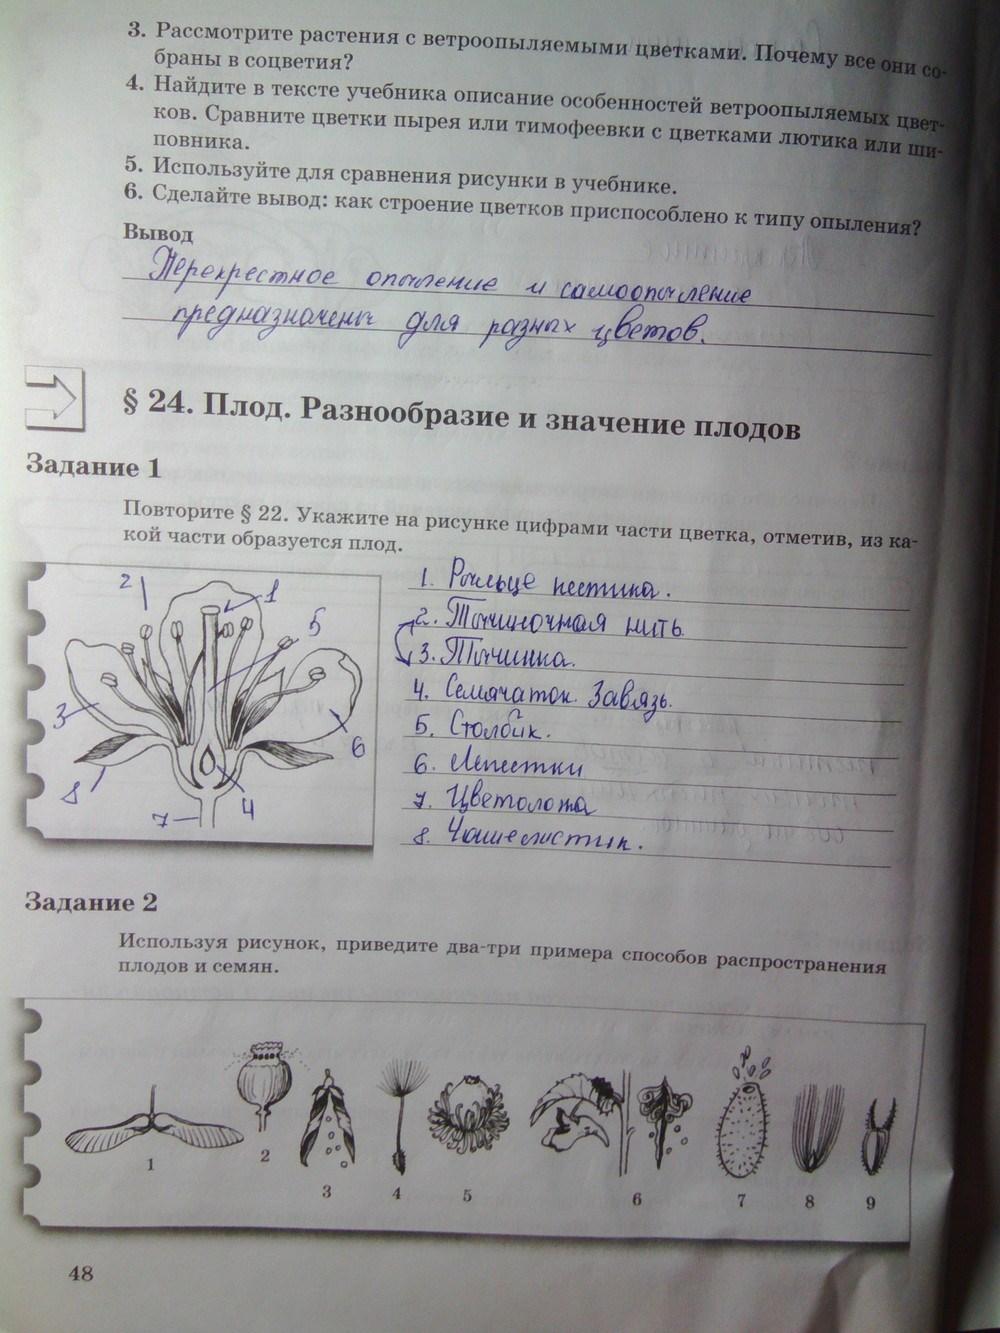 Гдз По Биологии Рабочая Тетрадь 2 6 Класс Пономарева Корнилова Кучменко